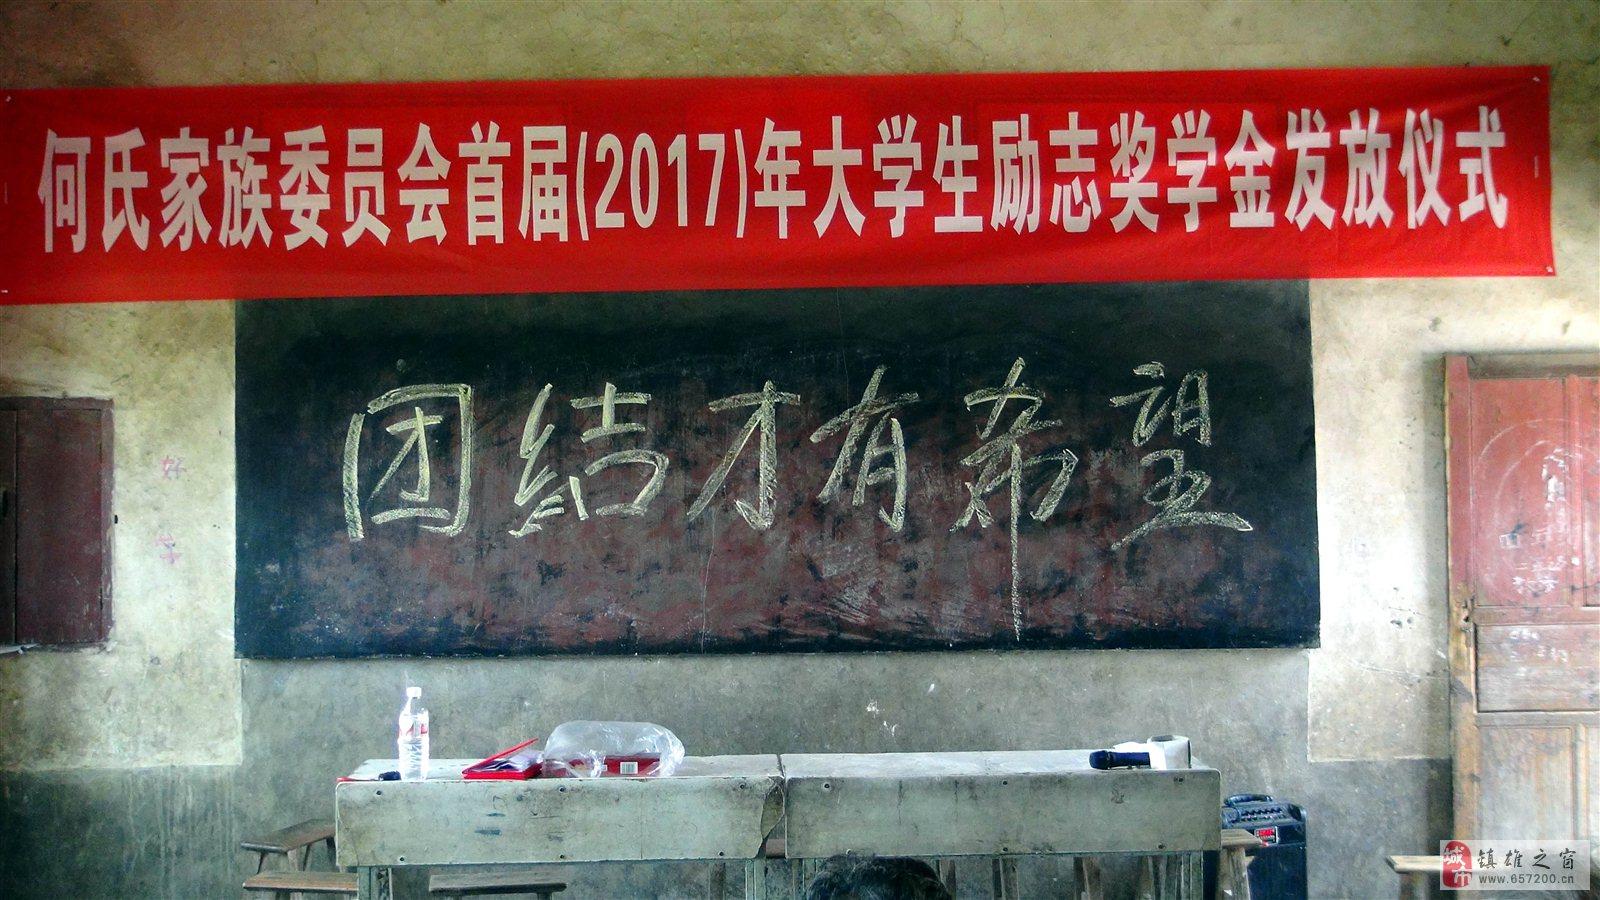 何氏家族委员会首届(2017) 年大学生励志奖学金发放仪式